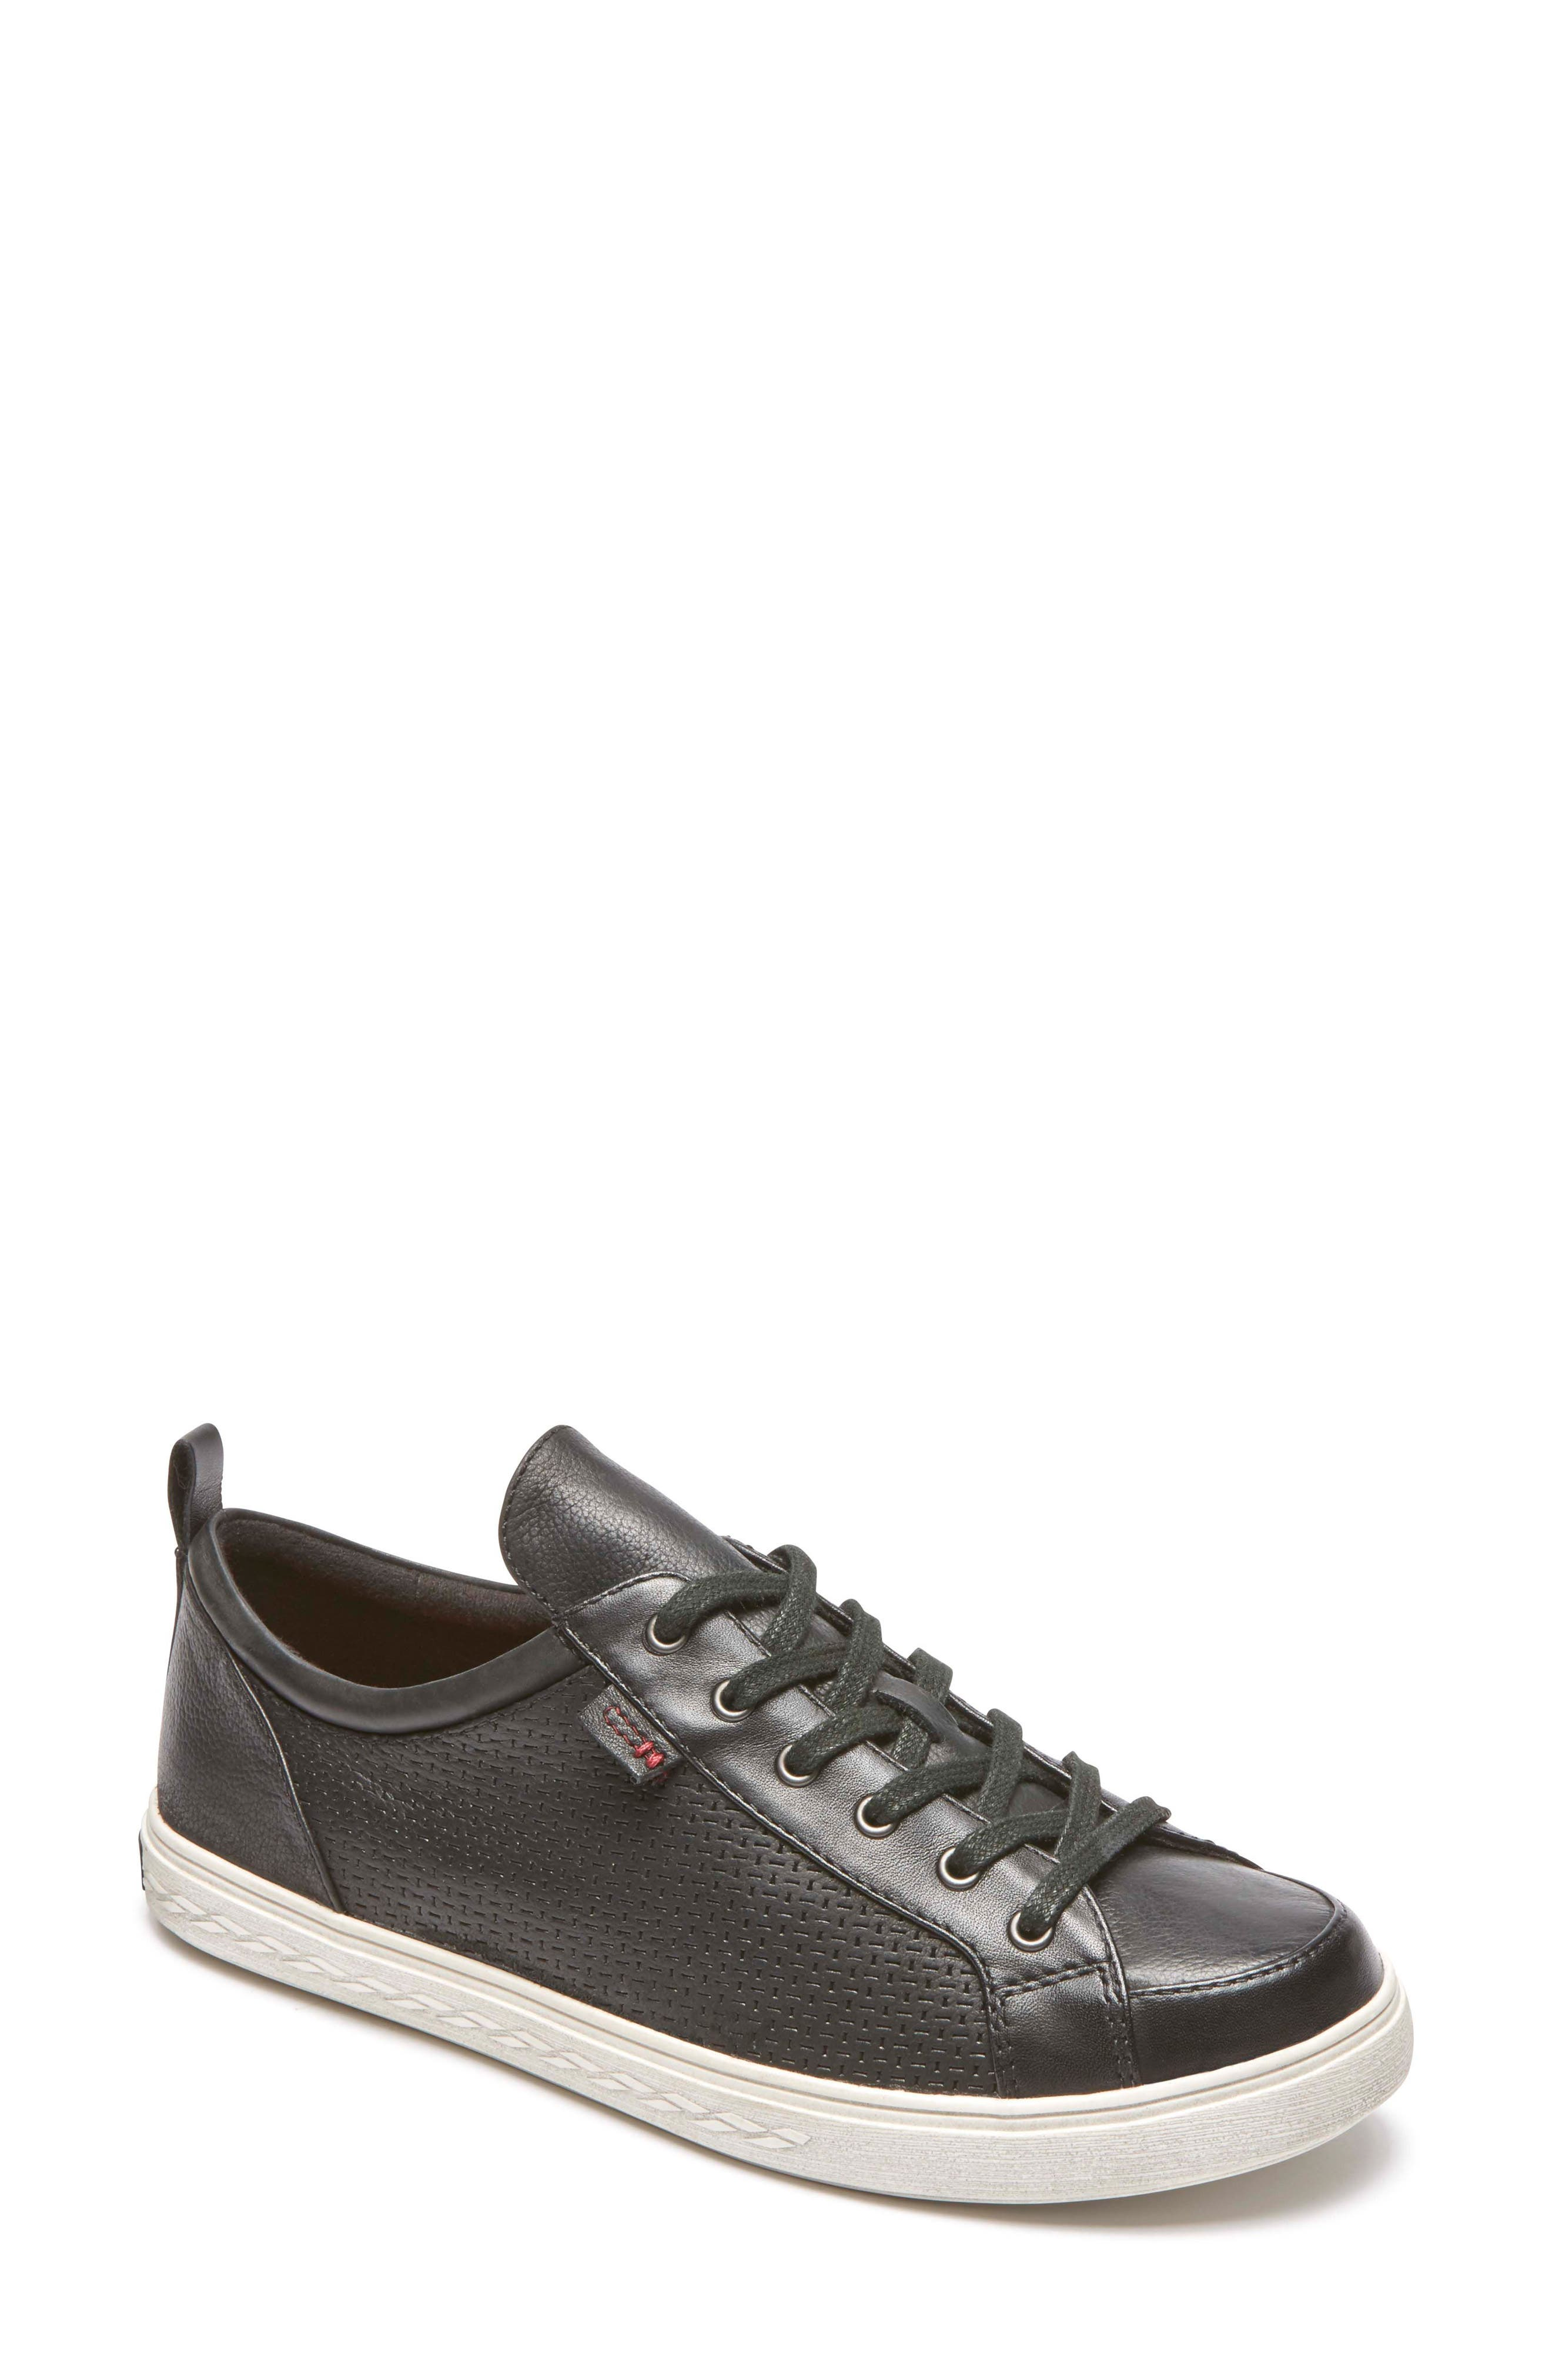 Willa Sneaker,                         Main,                         color, BLACK LEATHER